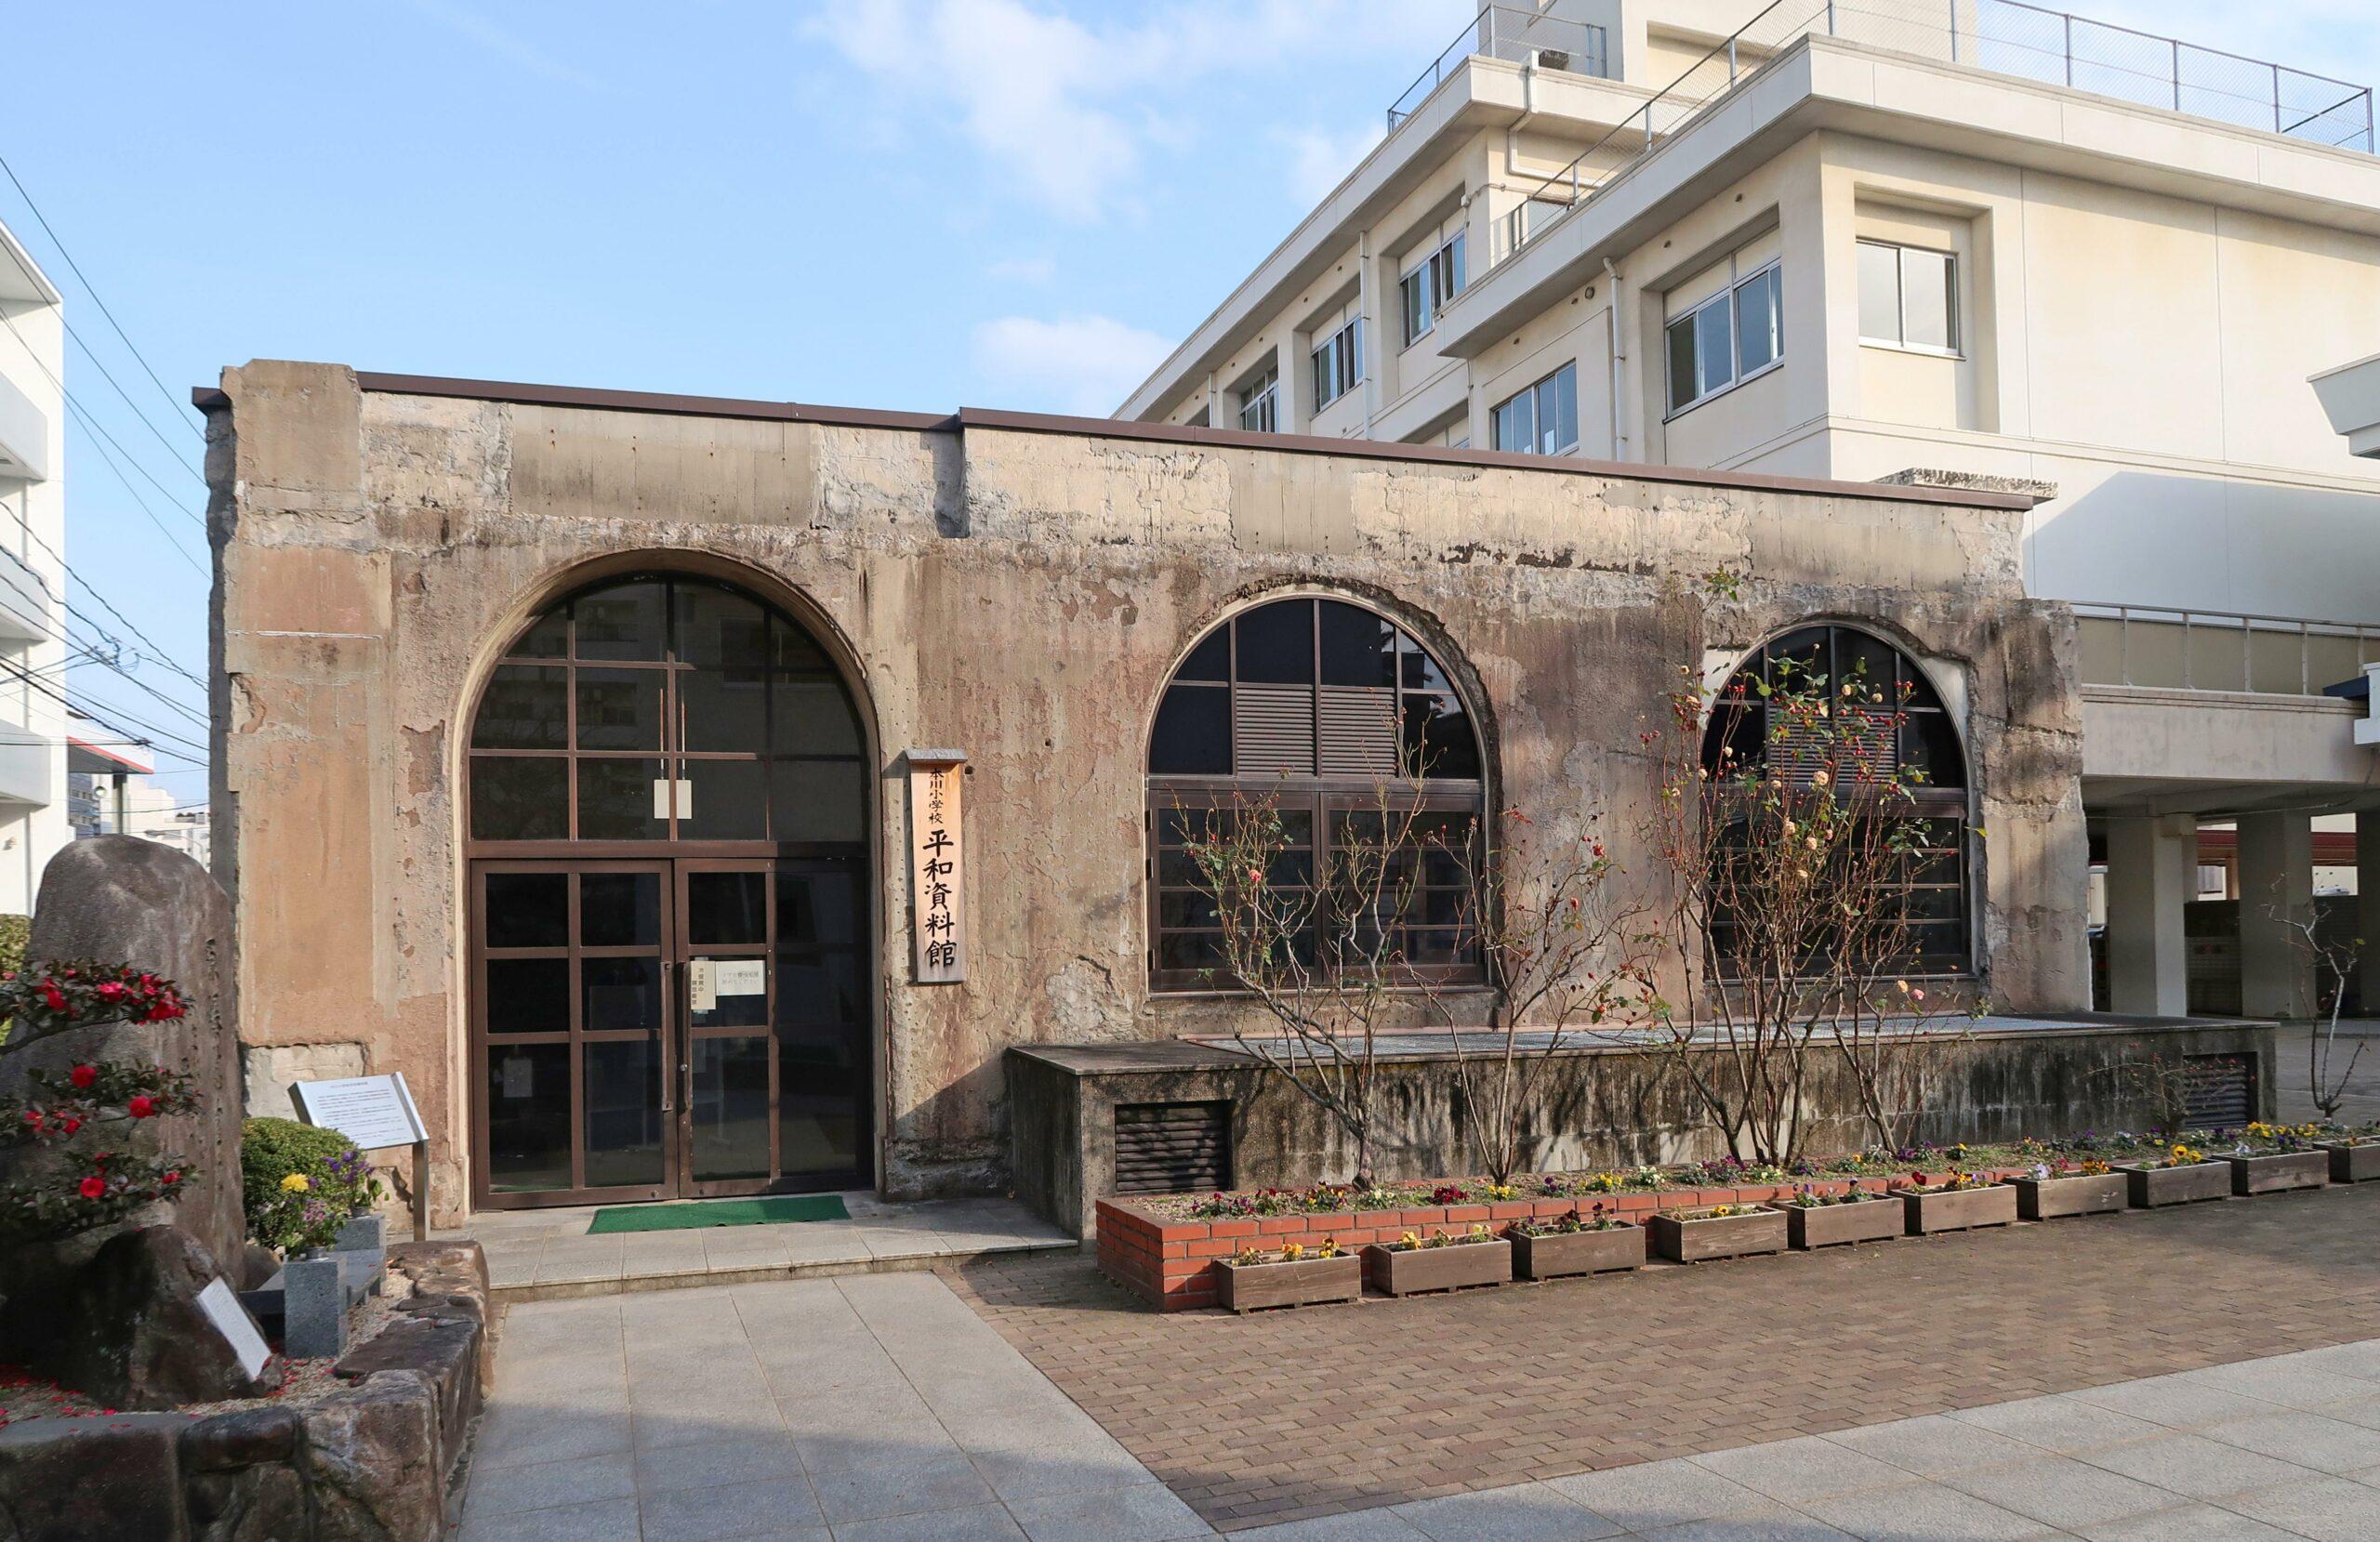 本川小学校平和資料館(被爆建物)